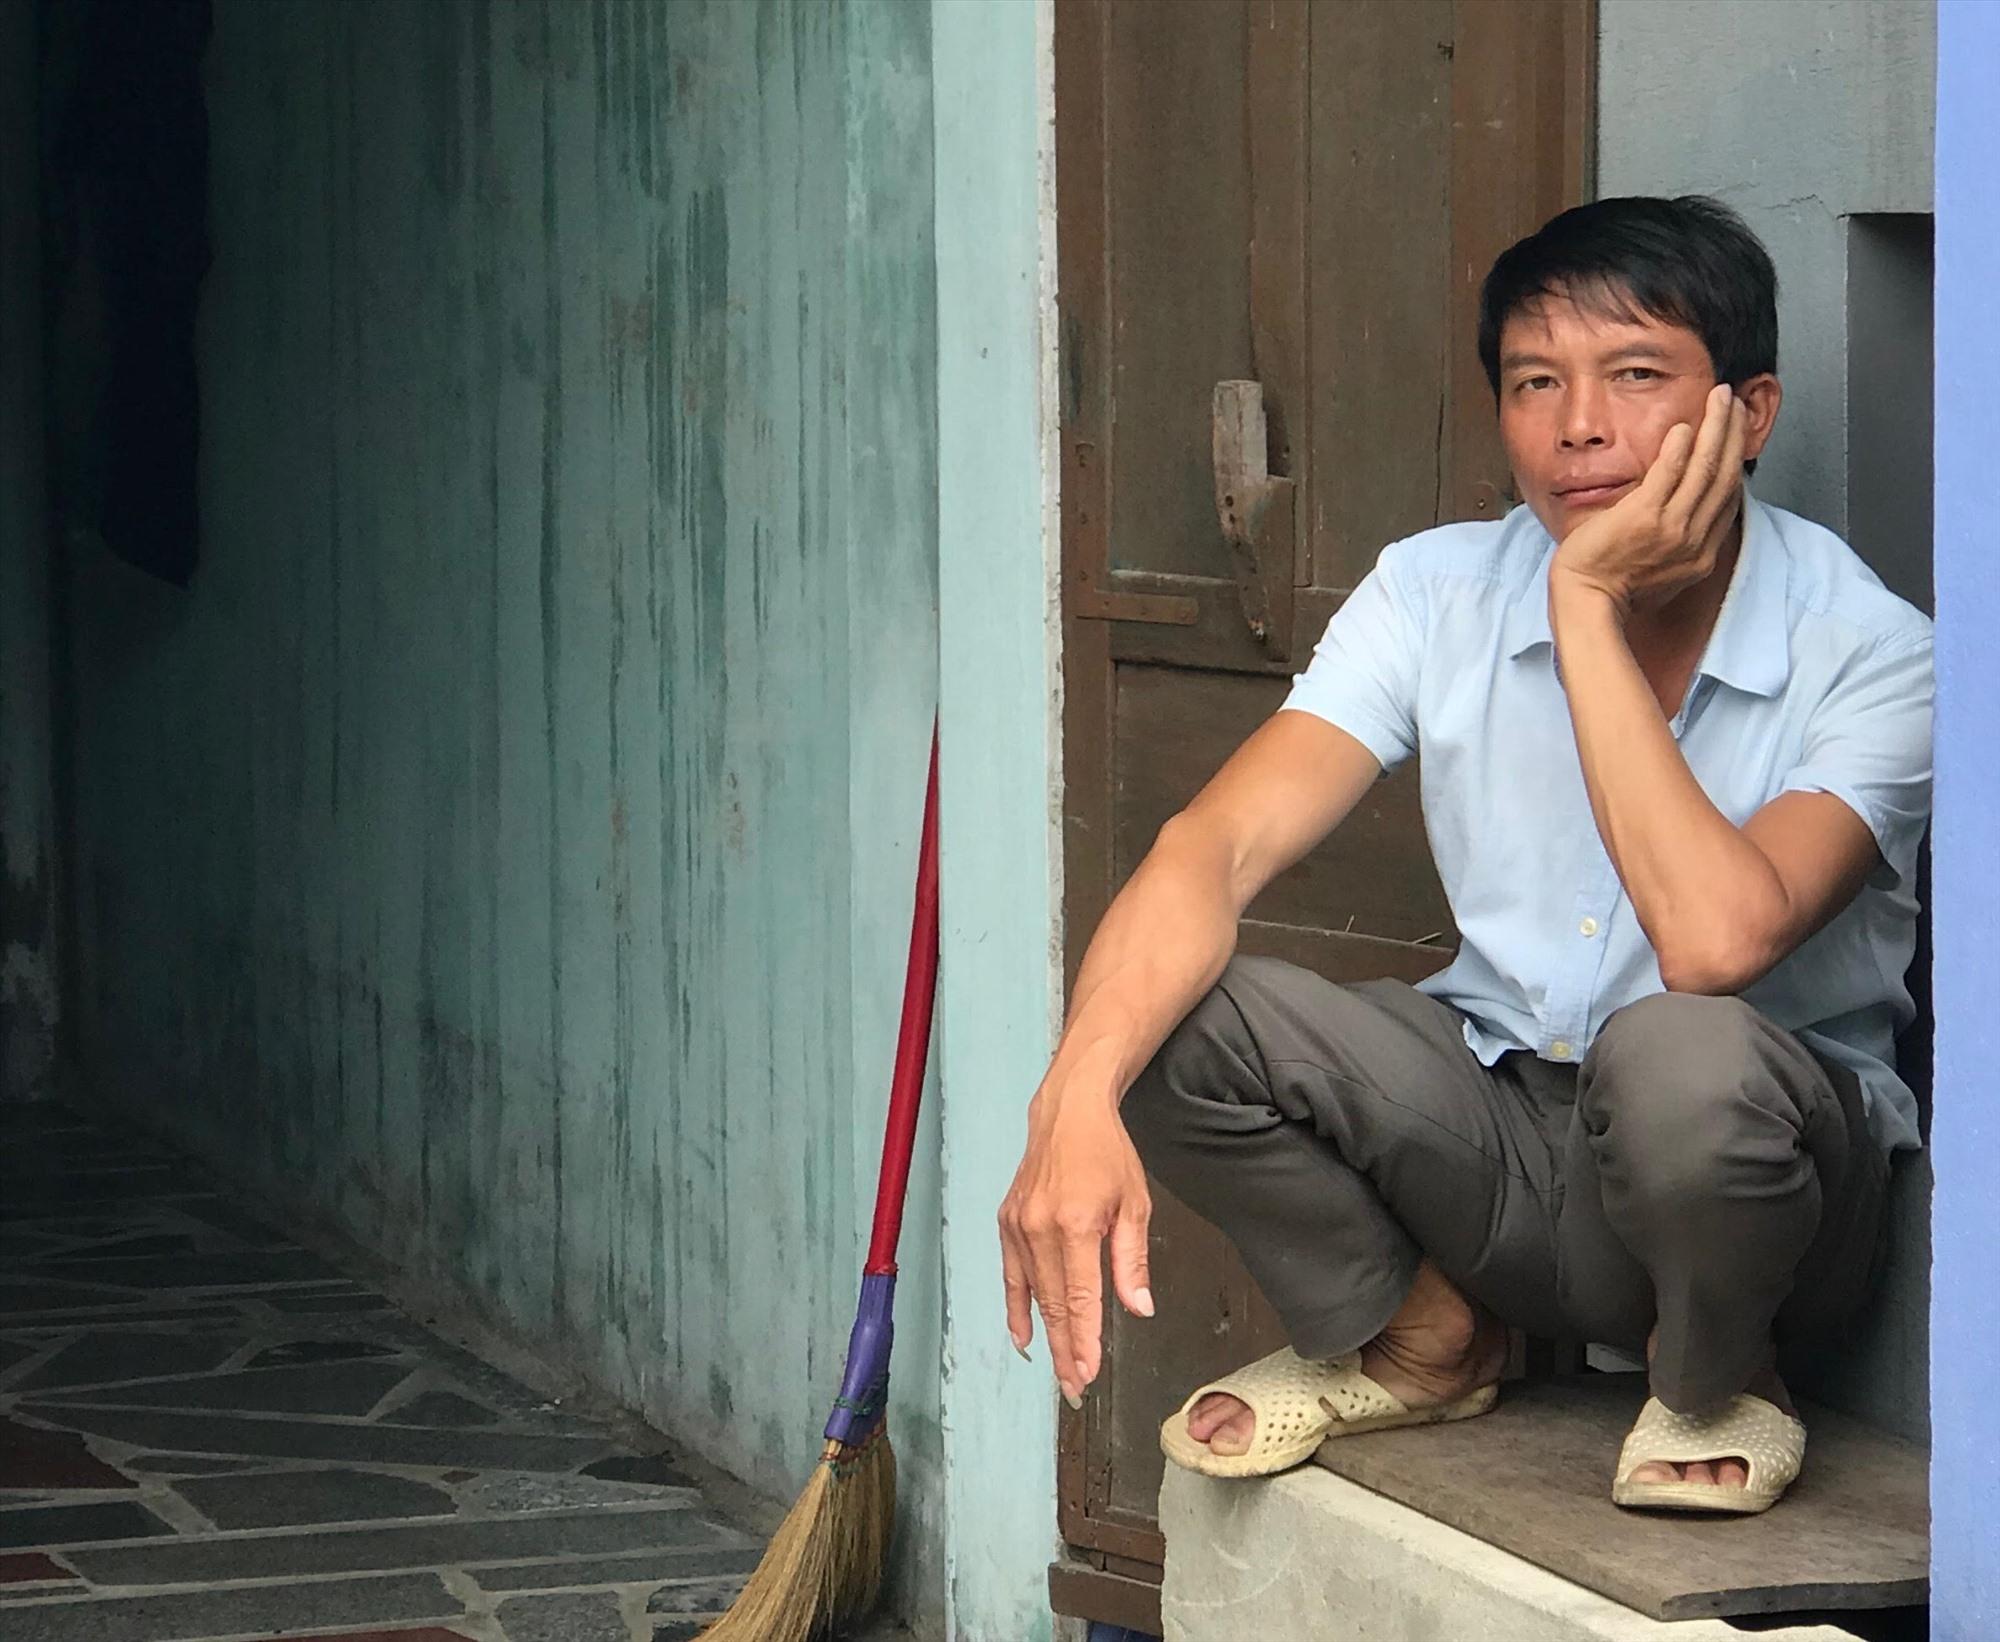 Ánh mắt đờ dại của Lò Văn Lý trong những ngày bị mắc kẹt ở tâm dịch Đà Nẵng Ảnh: Tường Minh